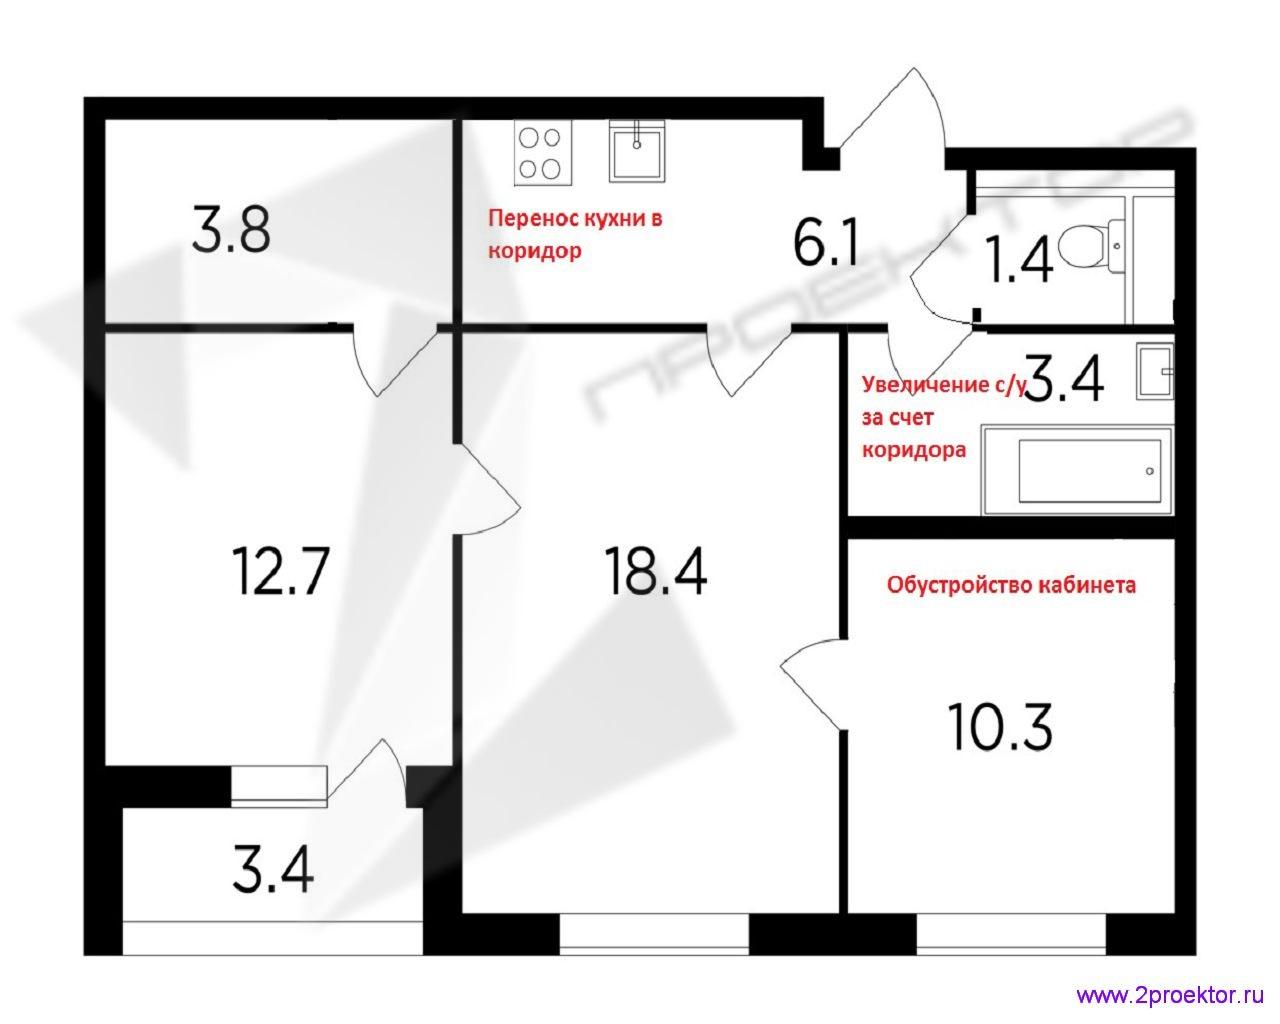 Вариант планировки двухкомнатной квартиры в Жилом комплексе Лесопарковый разработанный специалистами ООО «2Проектор» (перенос кухни в коридор, обустройство кабинета, увеличение с/у за счет коридора).